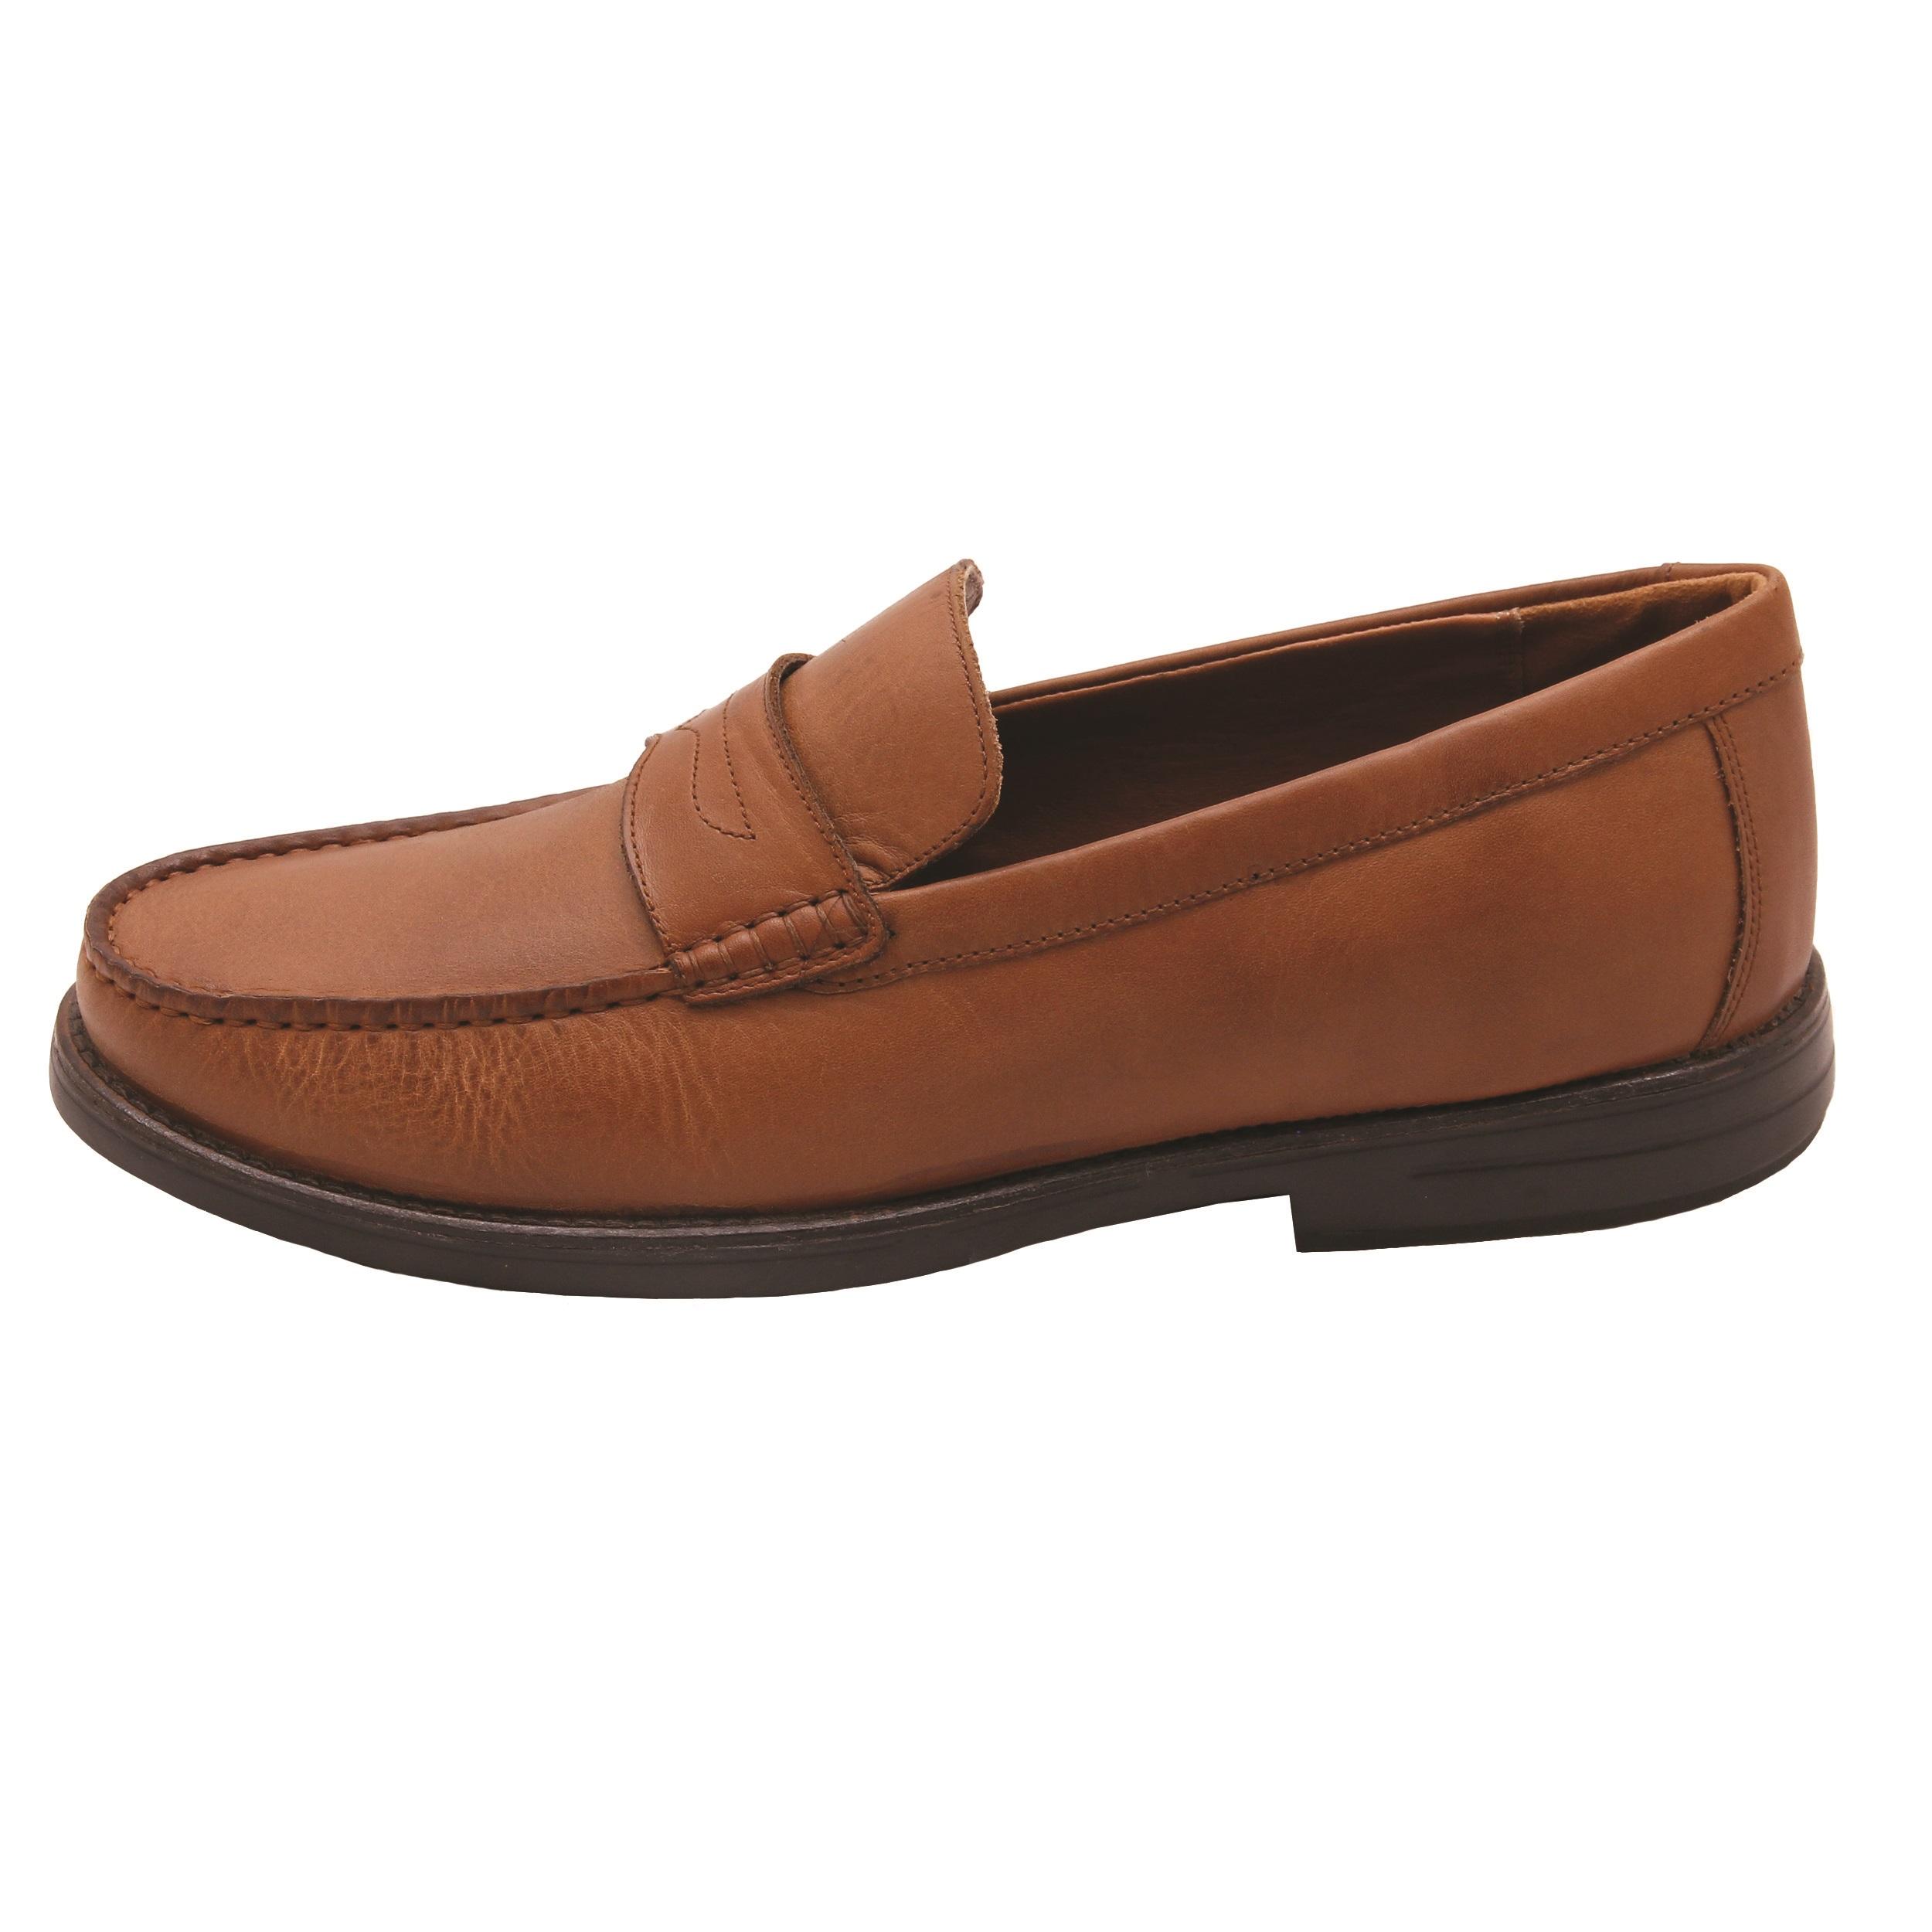 کفش روزمره مردانه کلارک کد 261238637